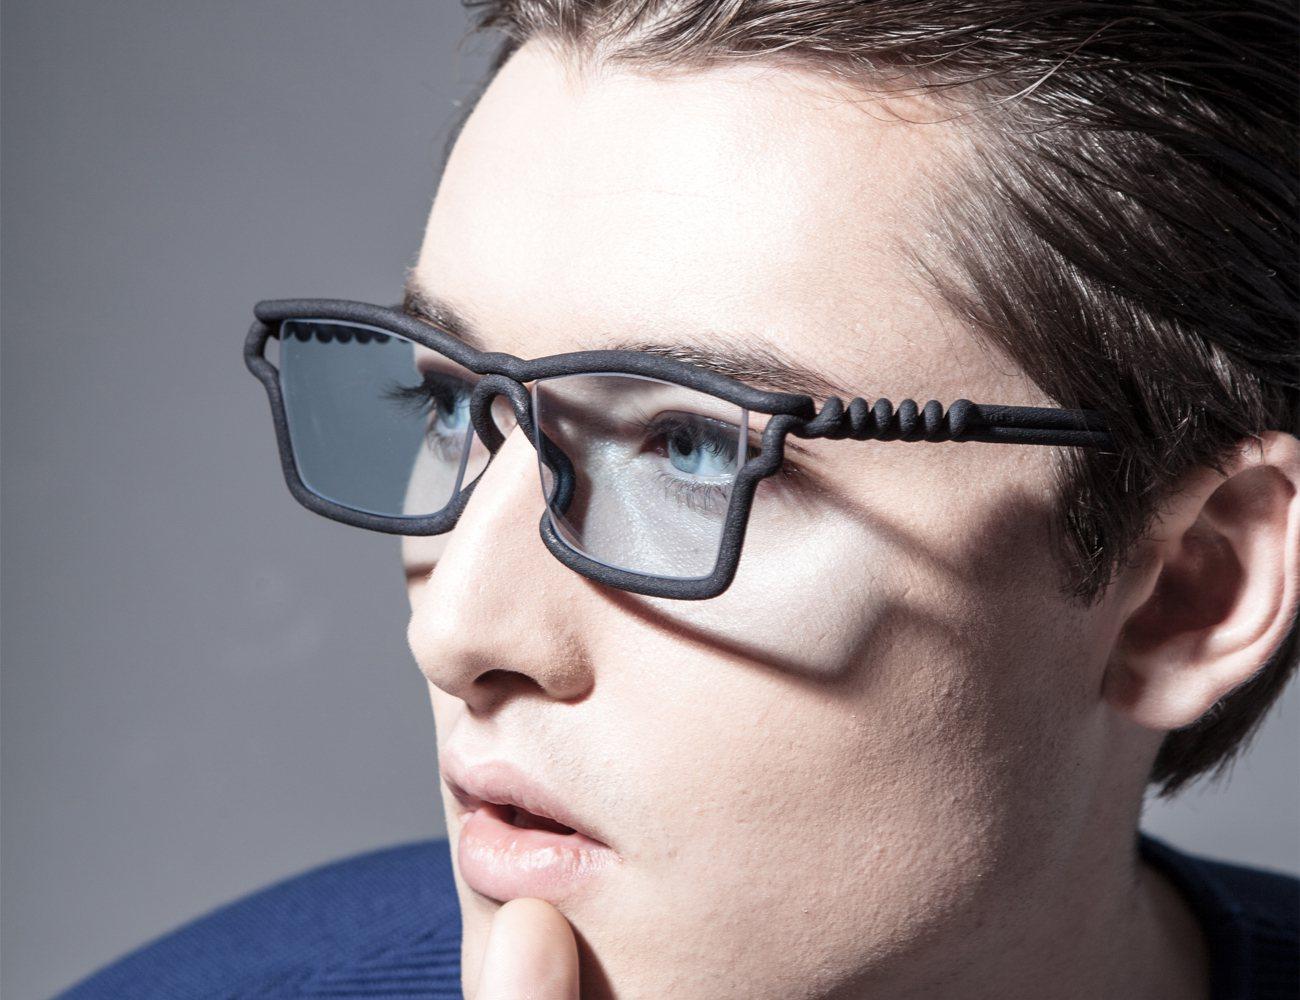 mono-eyewear-01